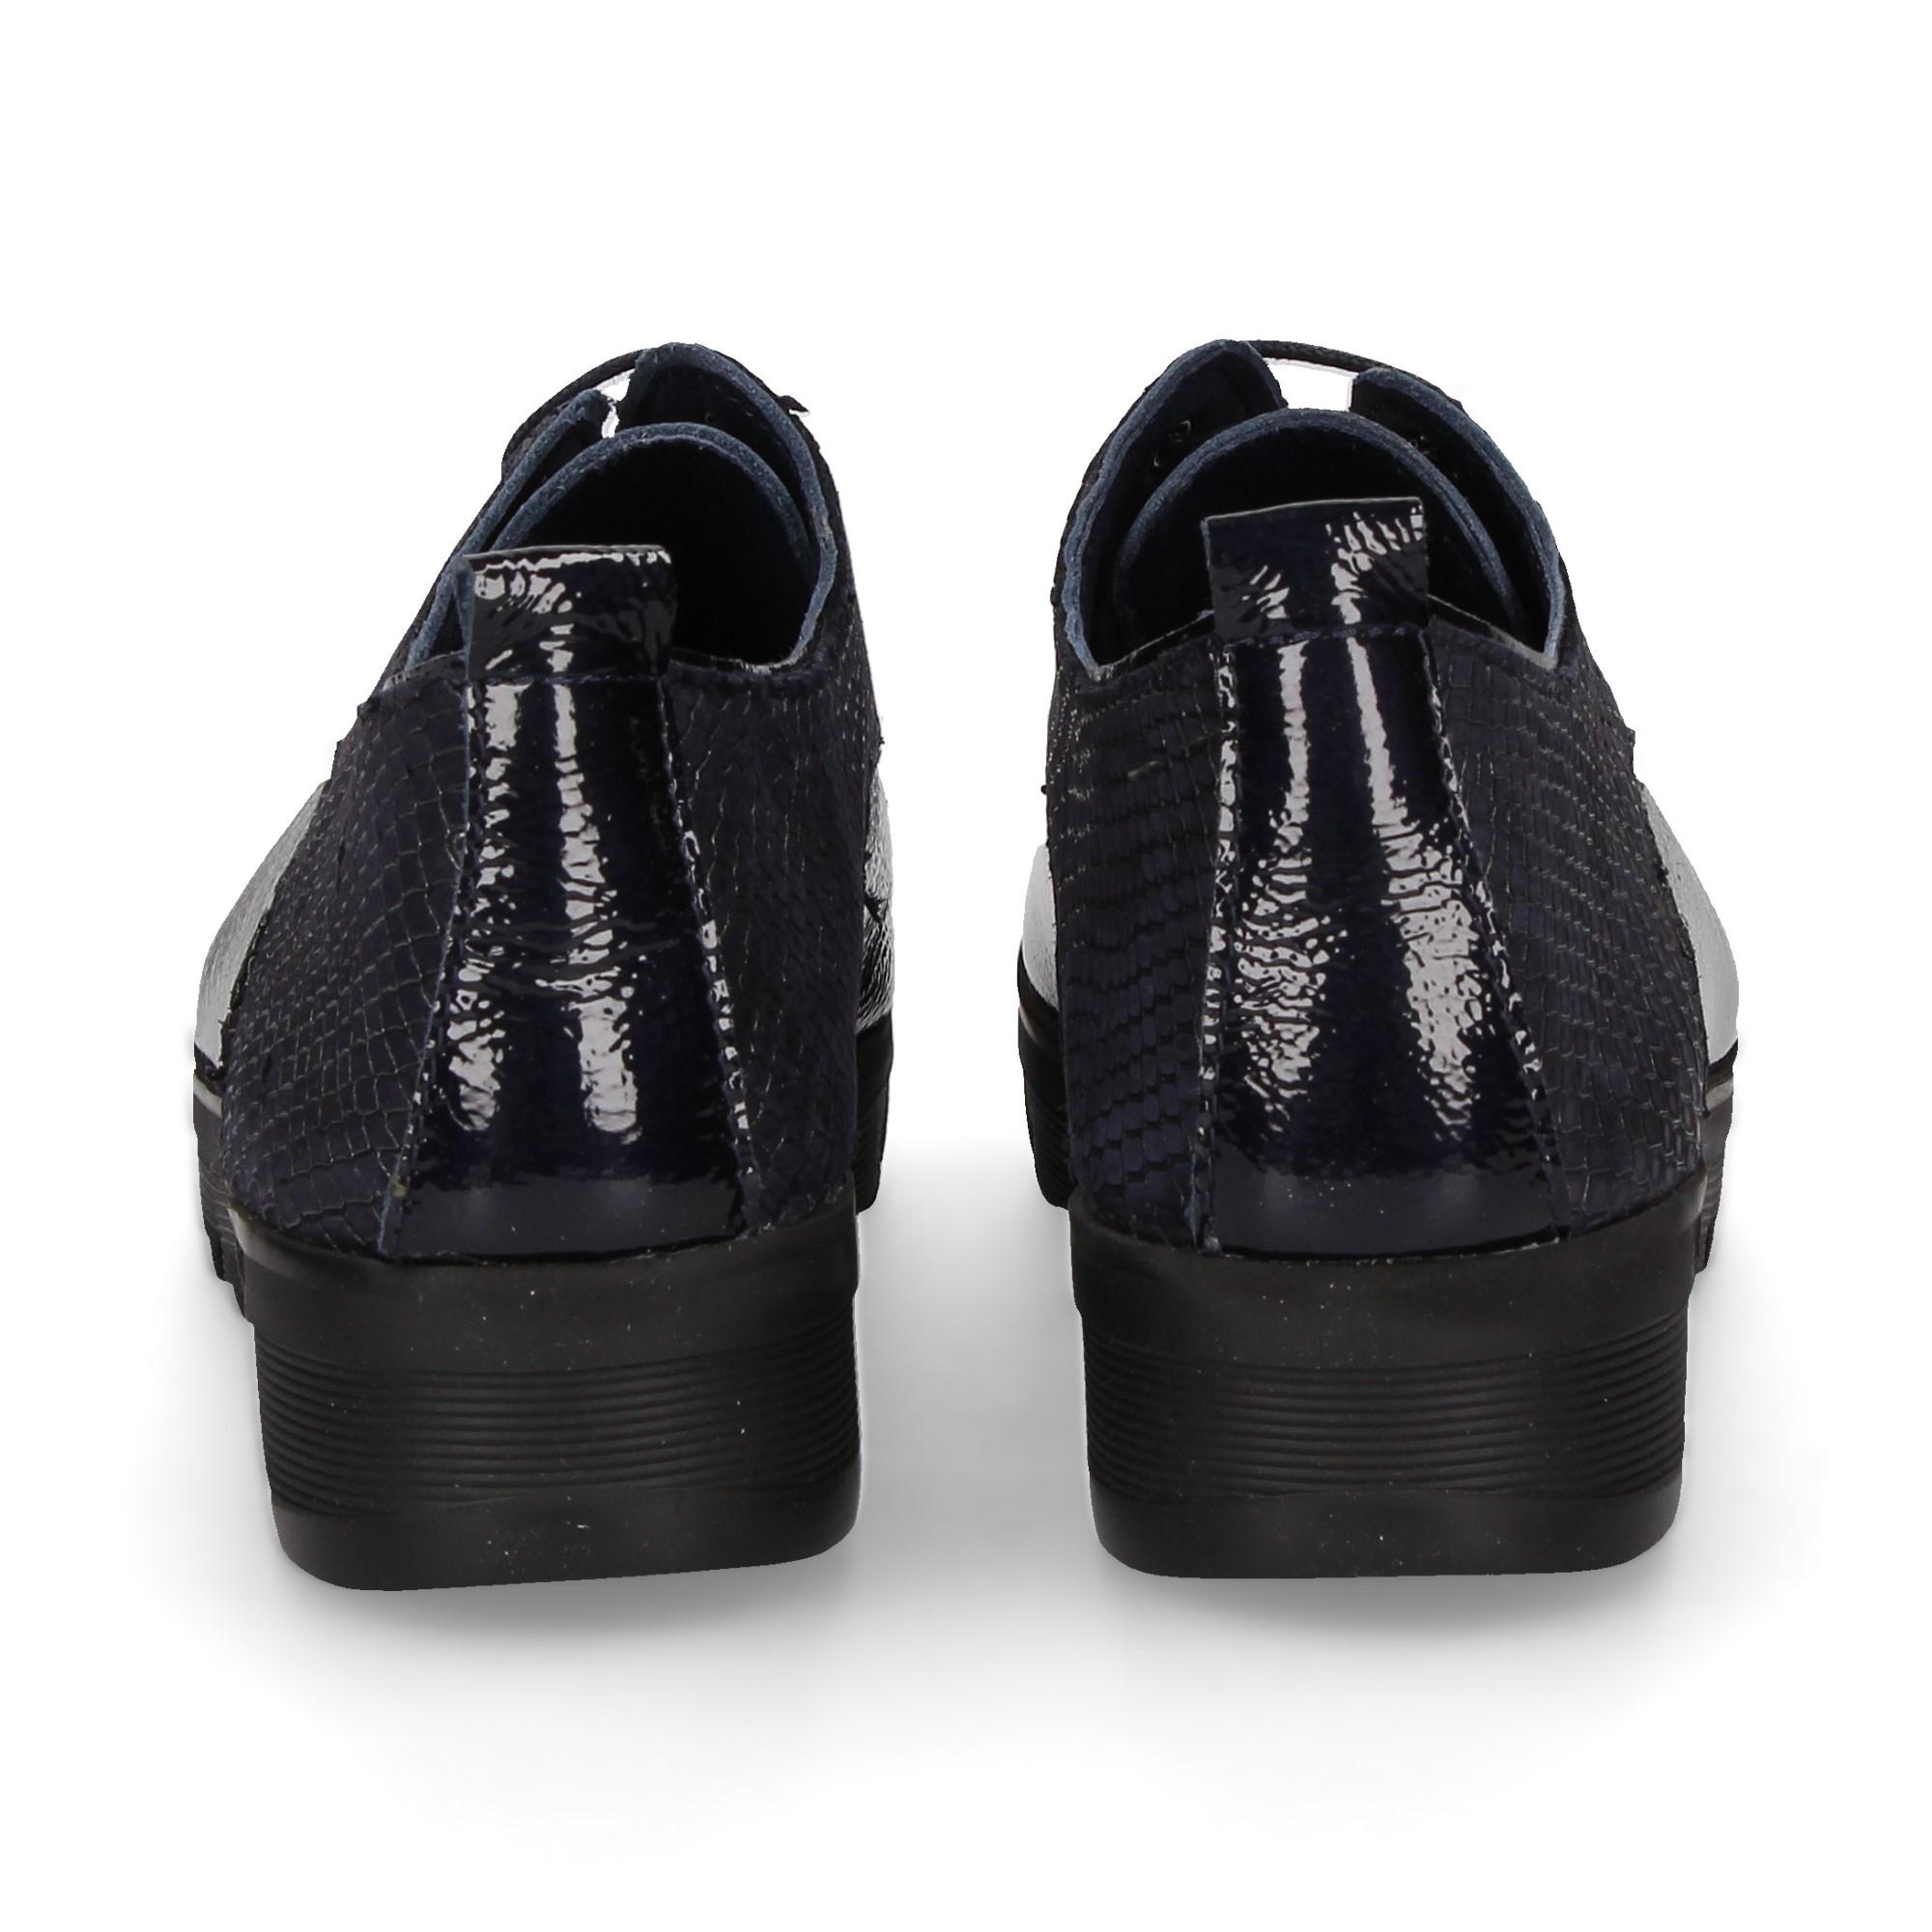 24 HORAS Blucher Chaussures 23830 MARINO 2a4d8df4dc8f